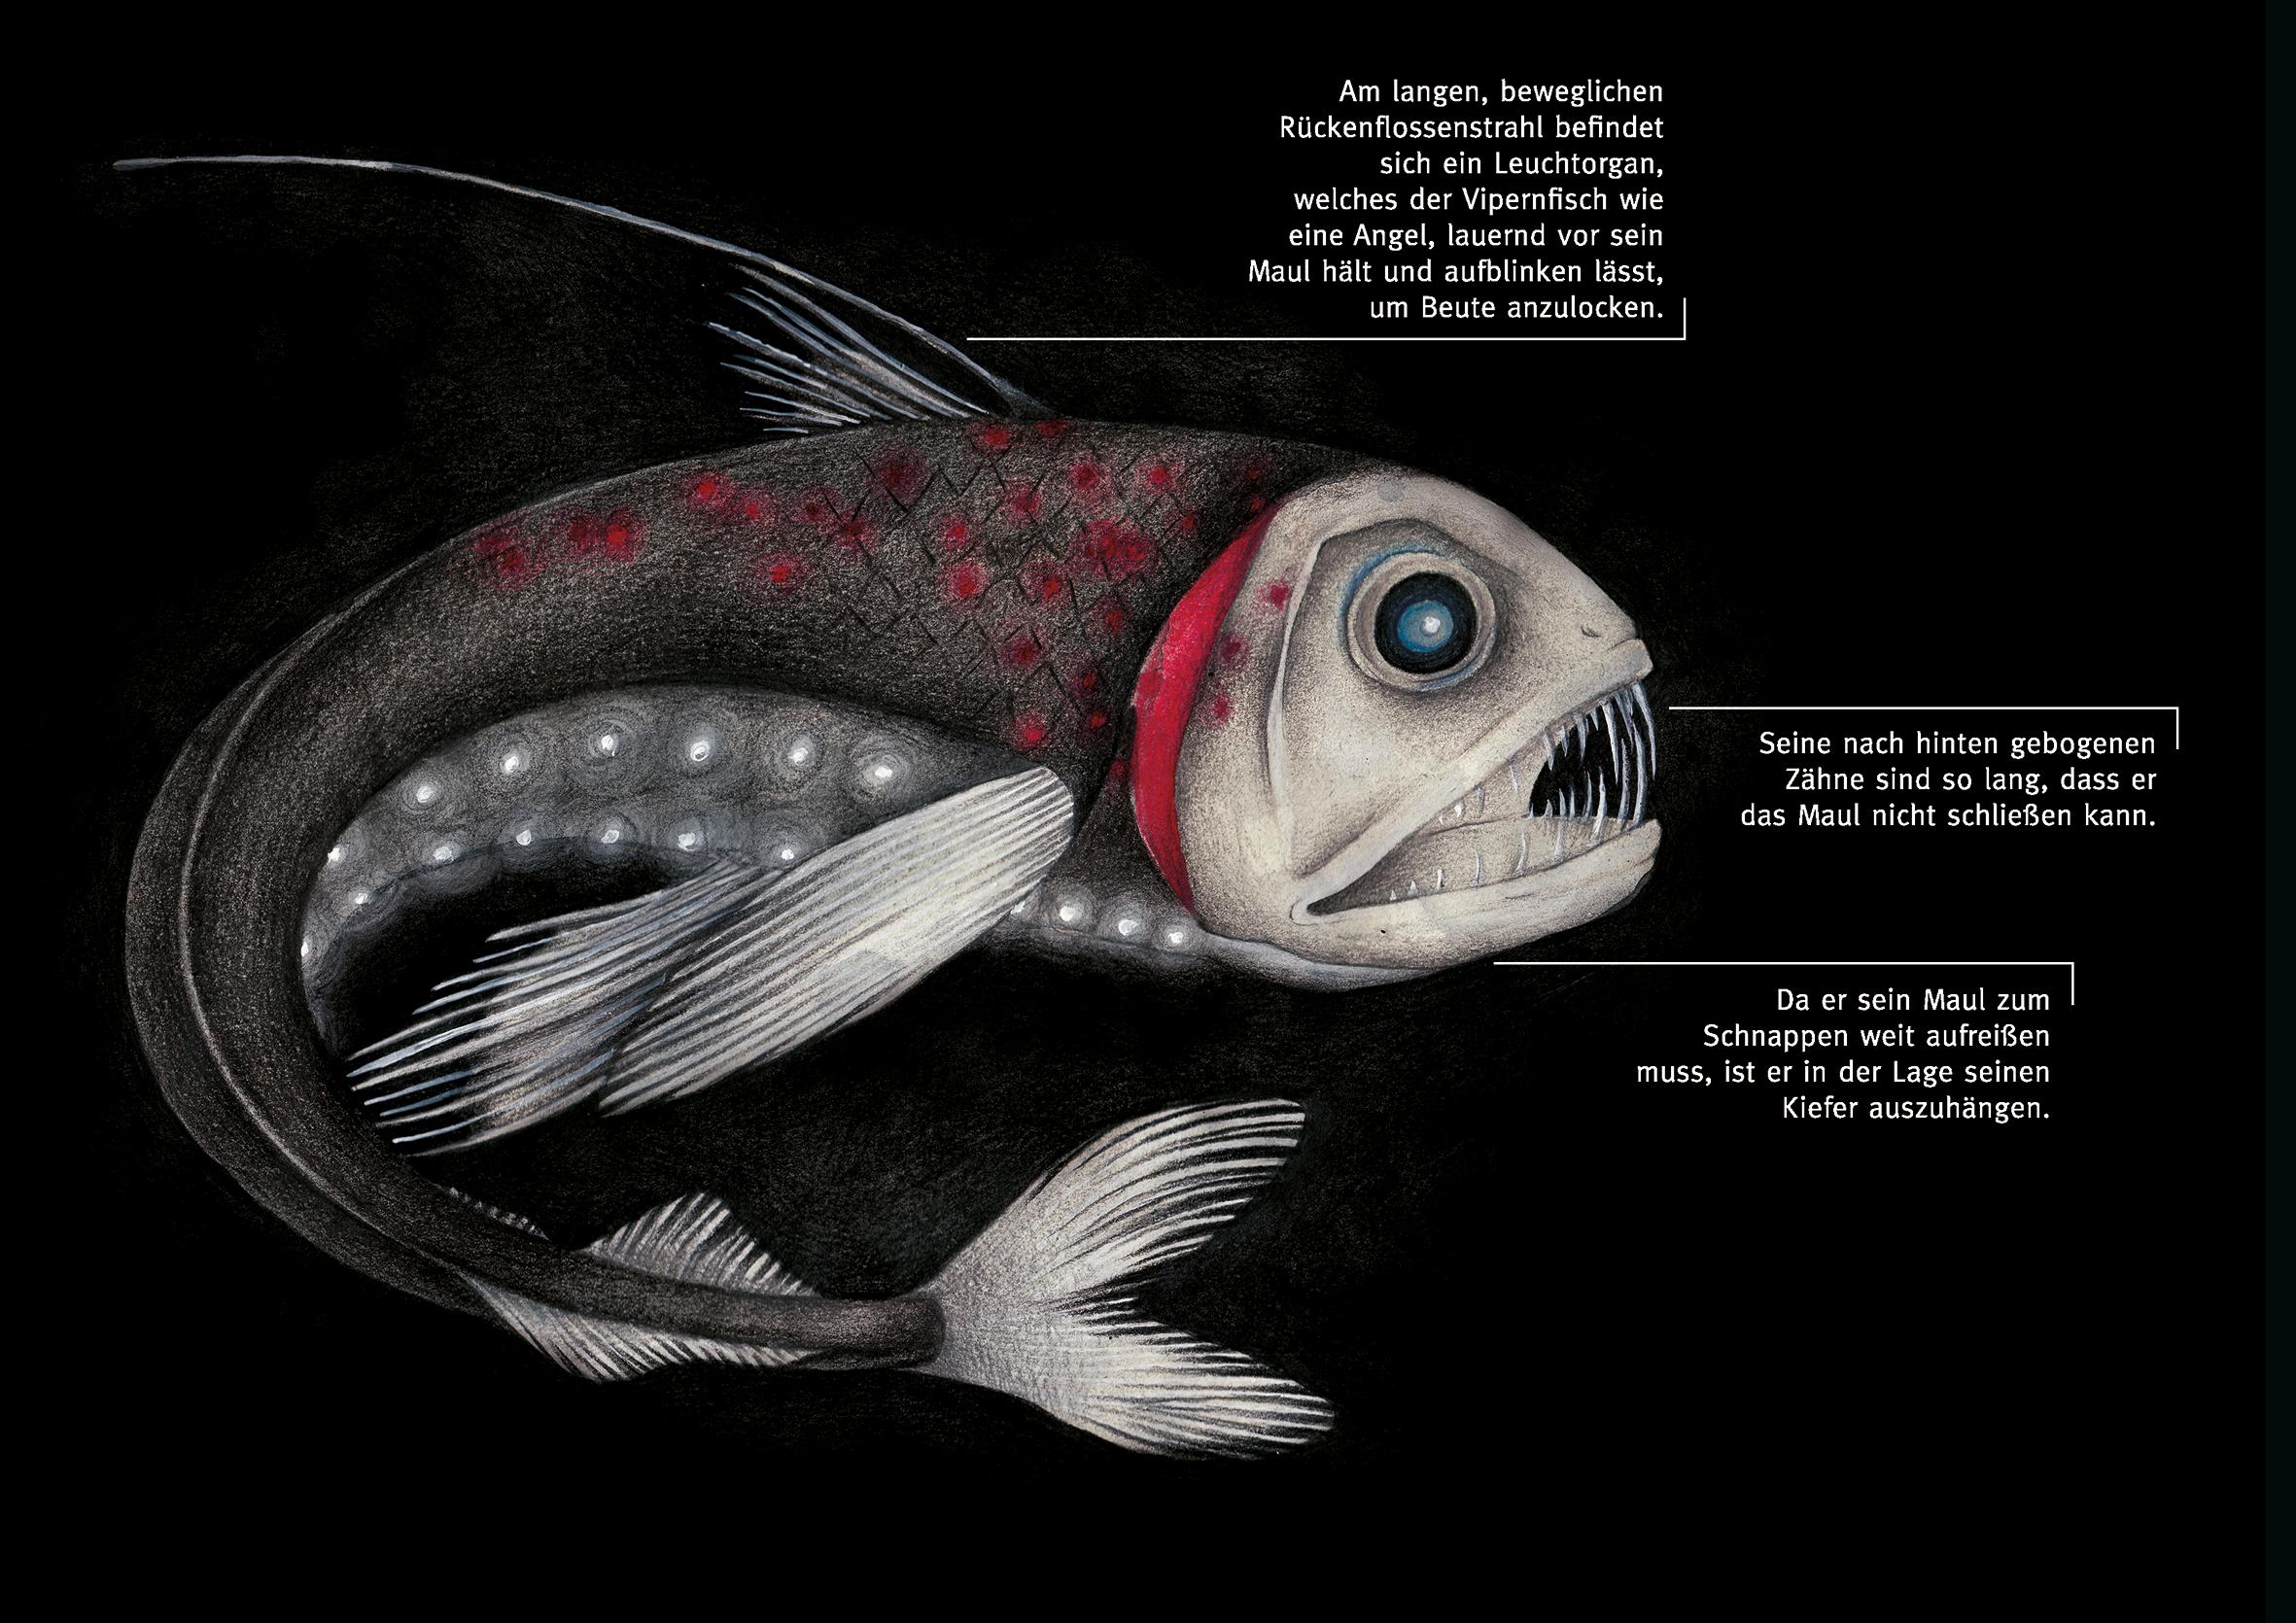 Melanie-Austermann-Meau-Design-Elftausend-Vipernfisch-Wissenschaftsillustration-Buchillustration